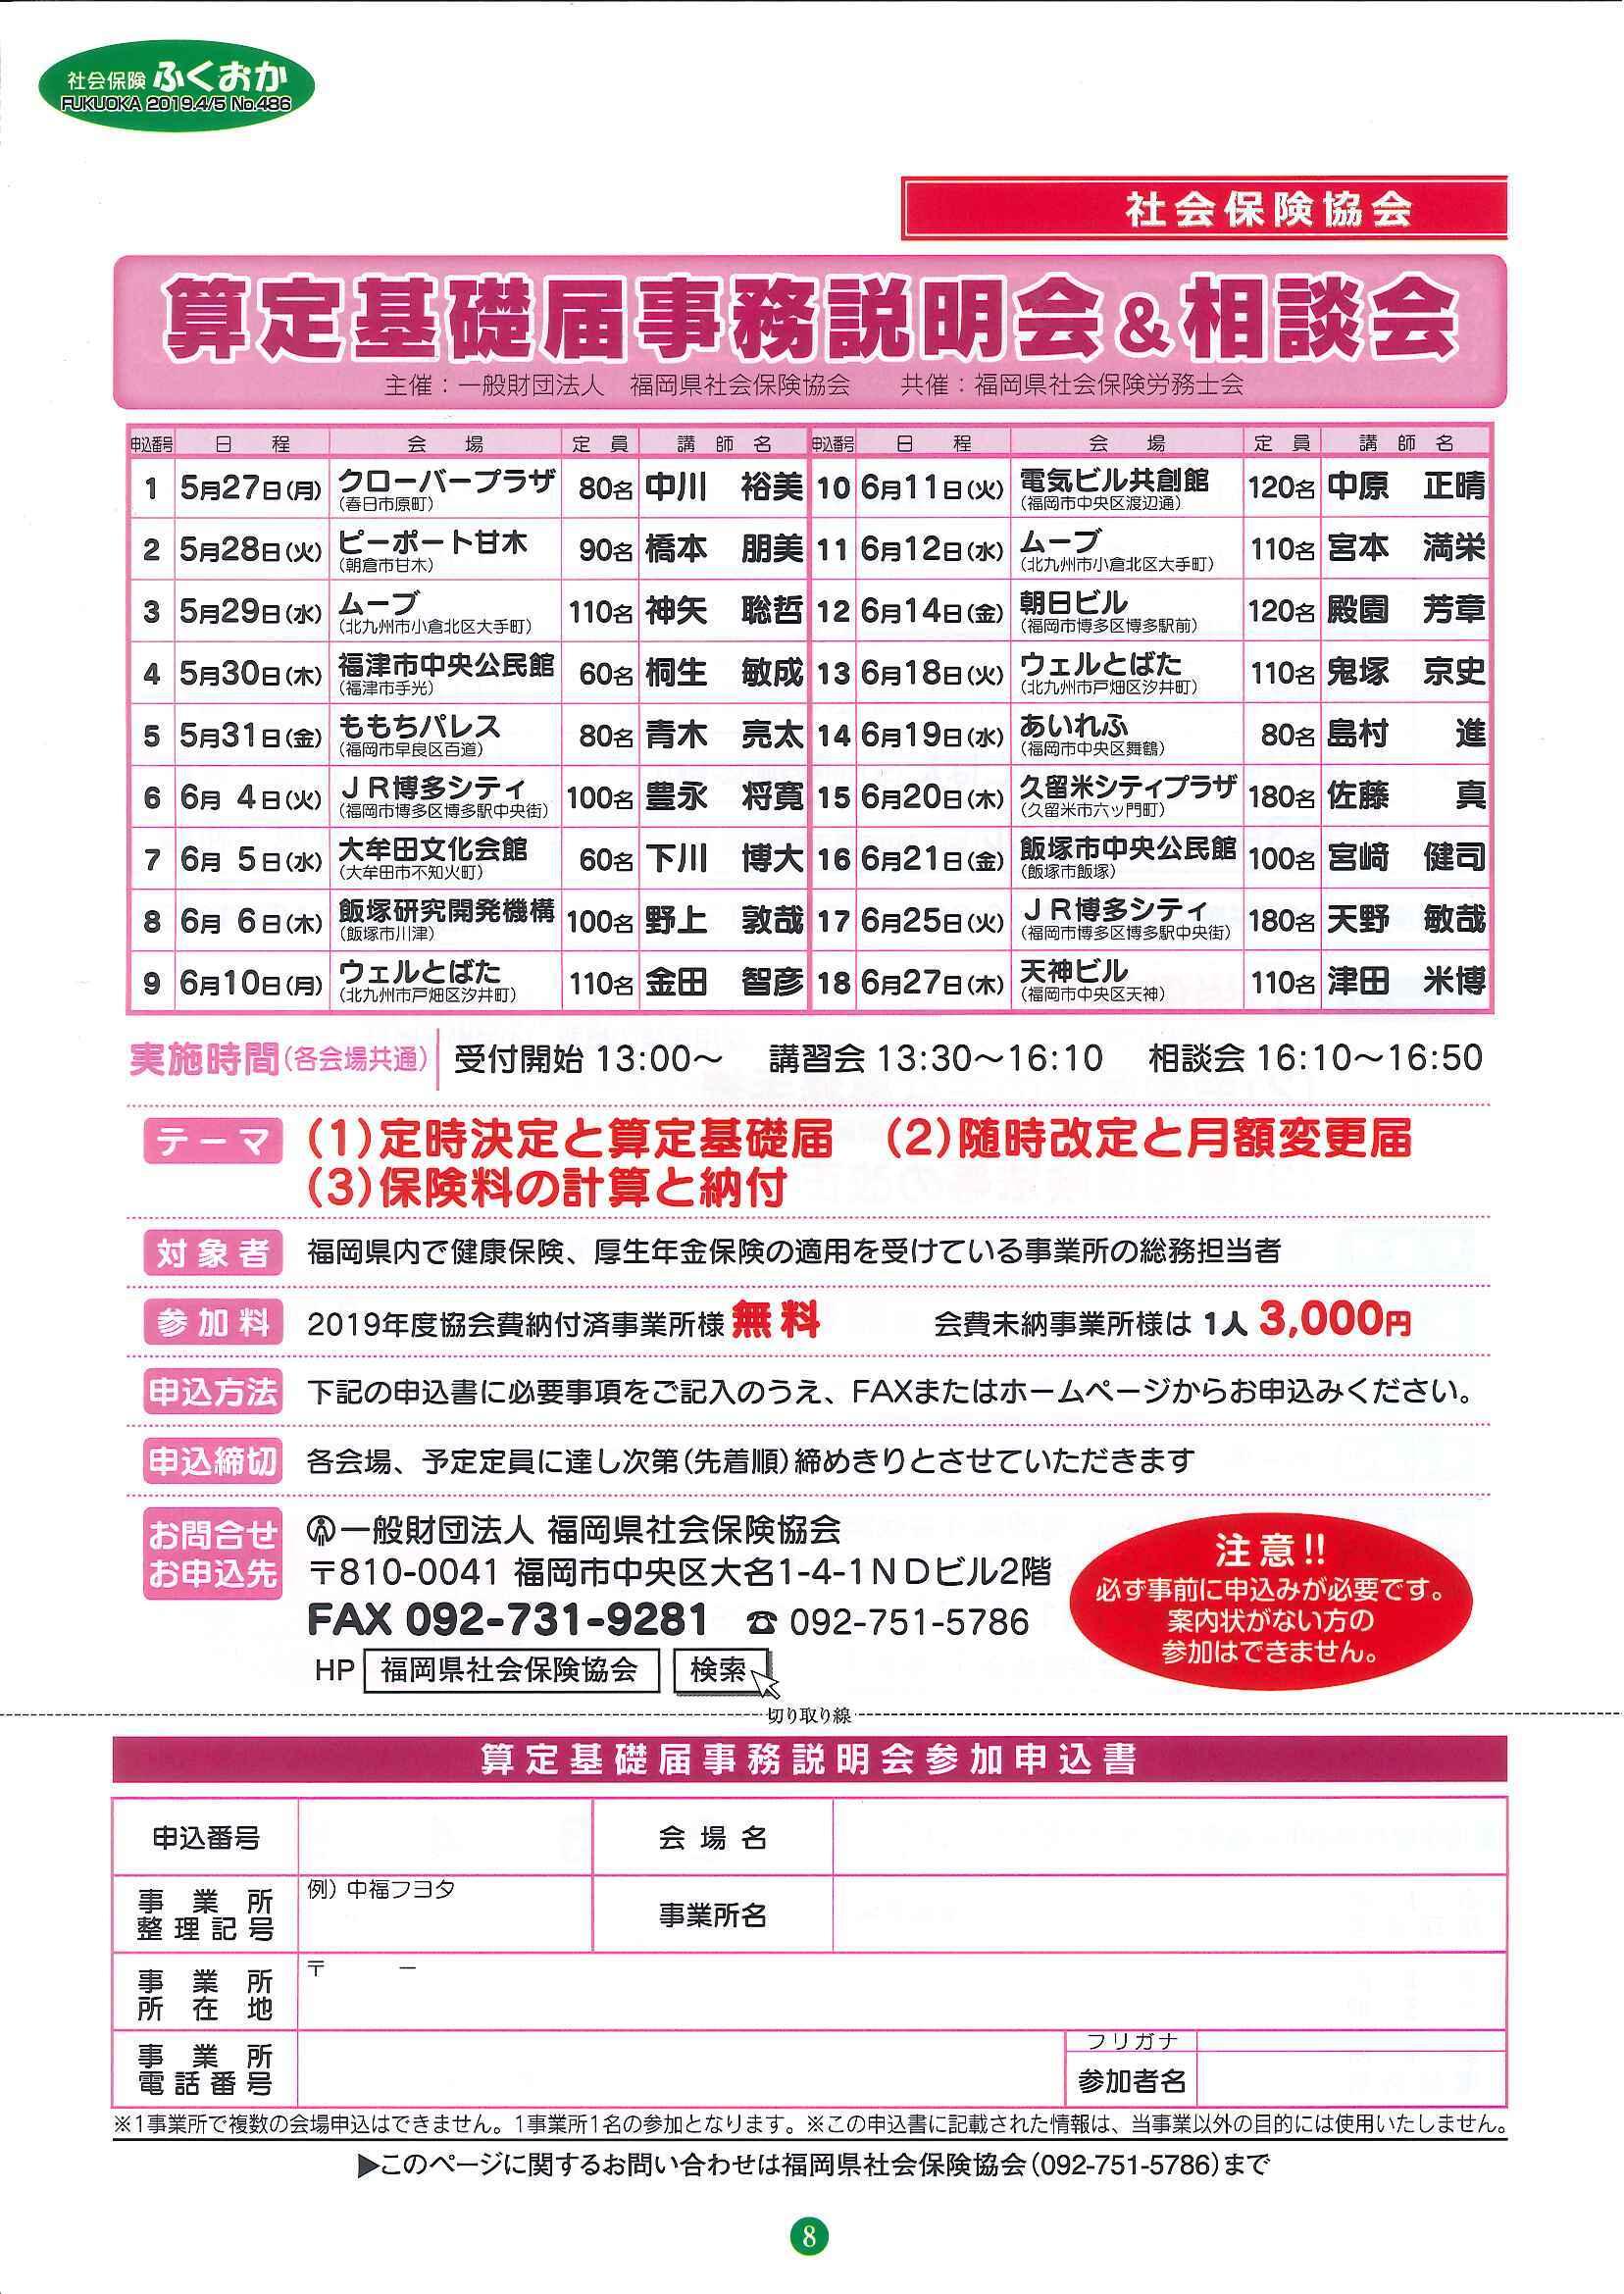 社会保険 ふくおか 2019年4・5月号_f0120774_15085371.jpg